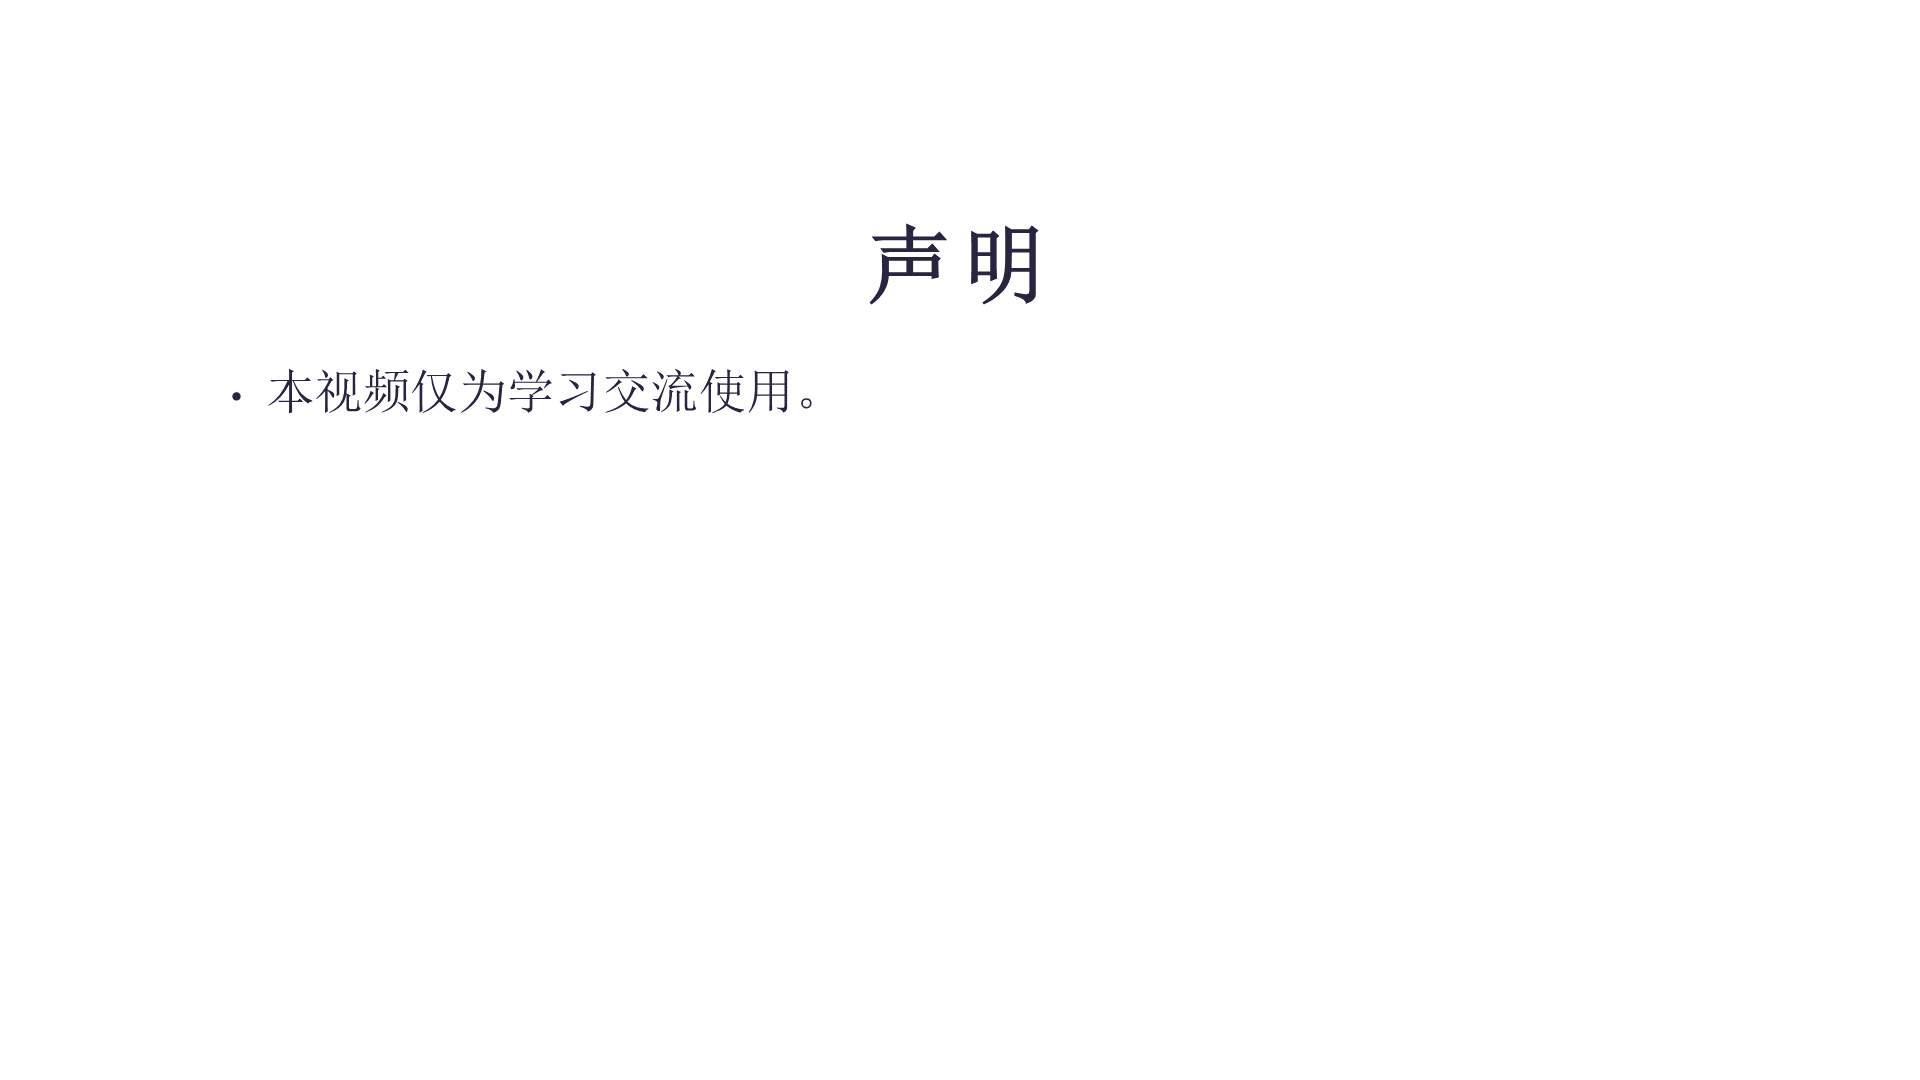 华为-DEvcloud_02.png